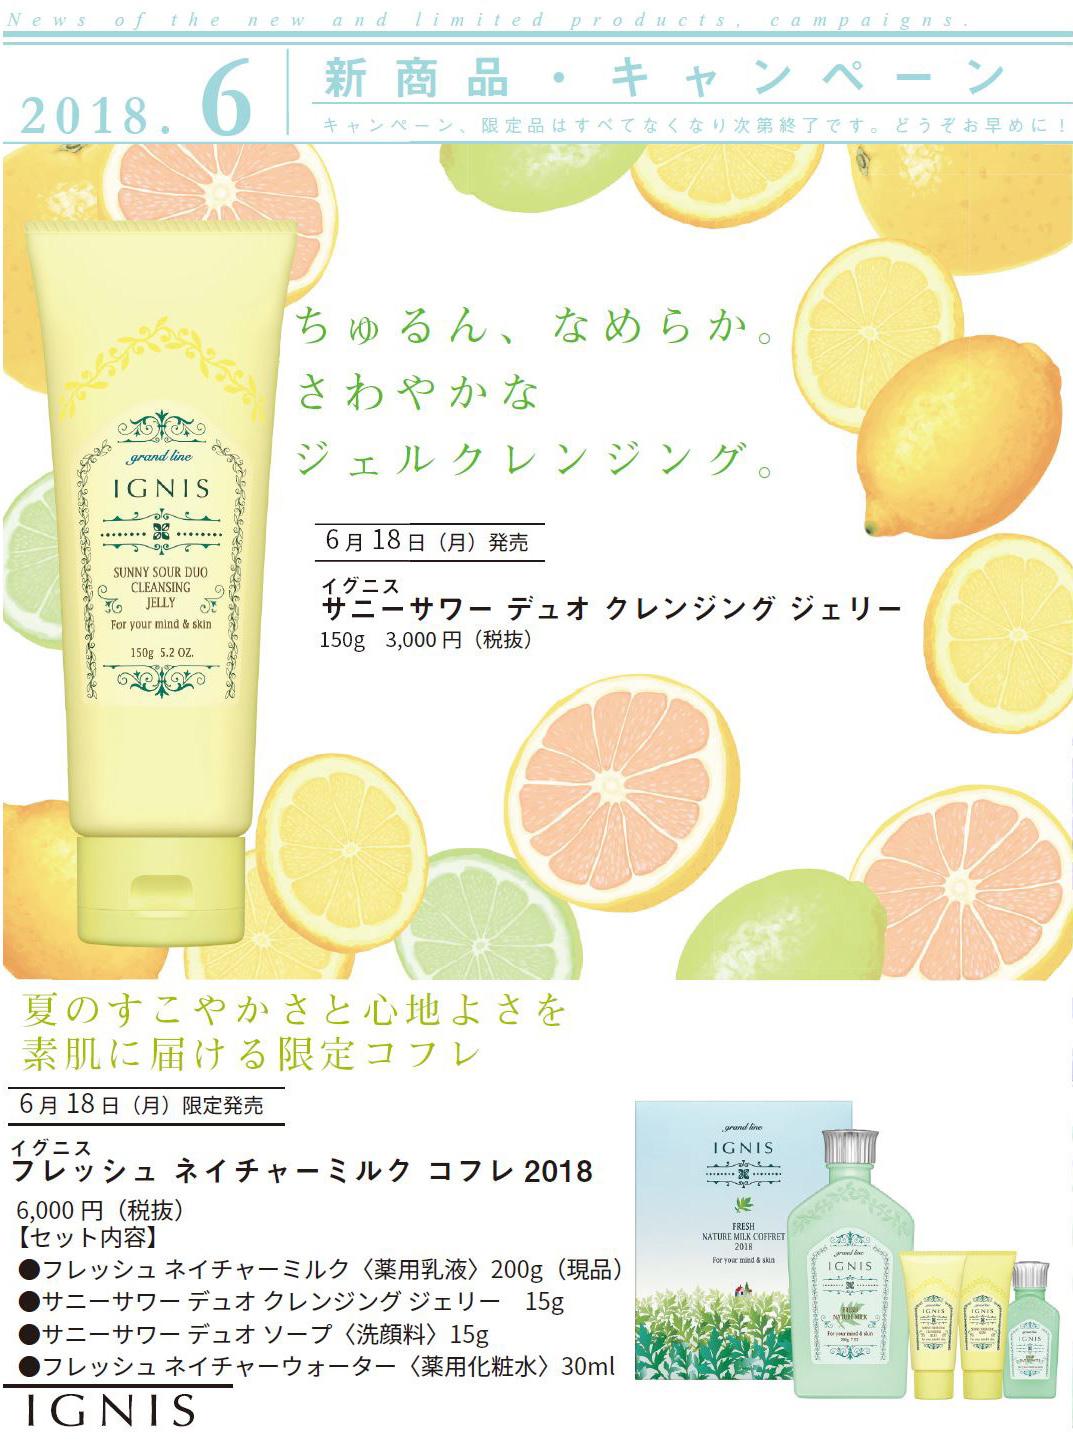 01_2018. 6 新商品のお知らせ 08_2018. 8 新商品のお知らせ_01